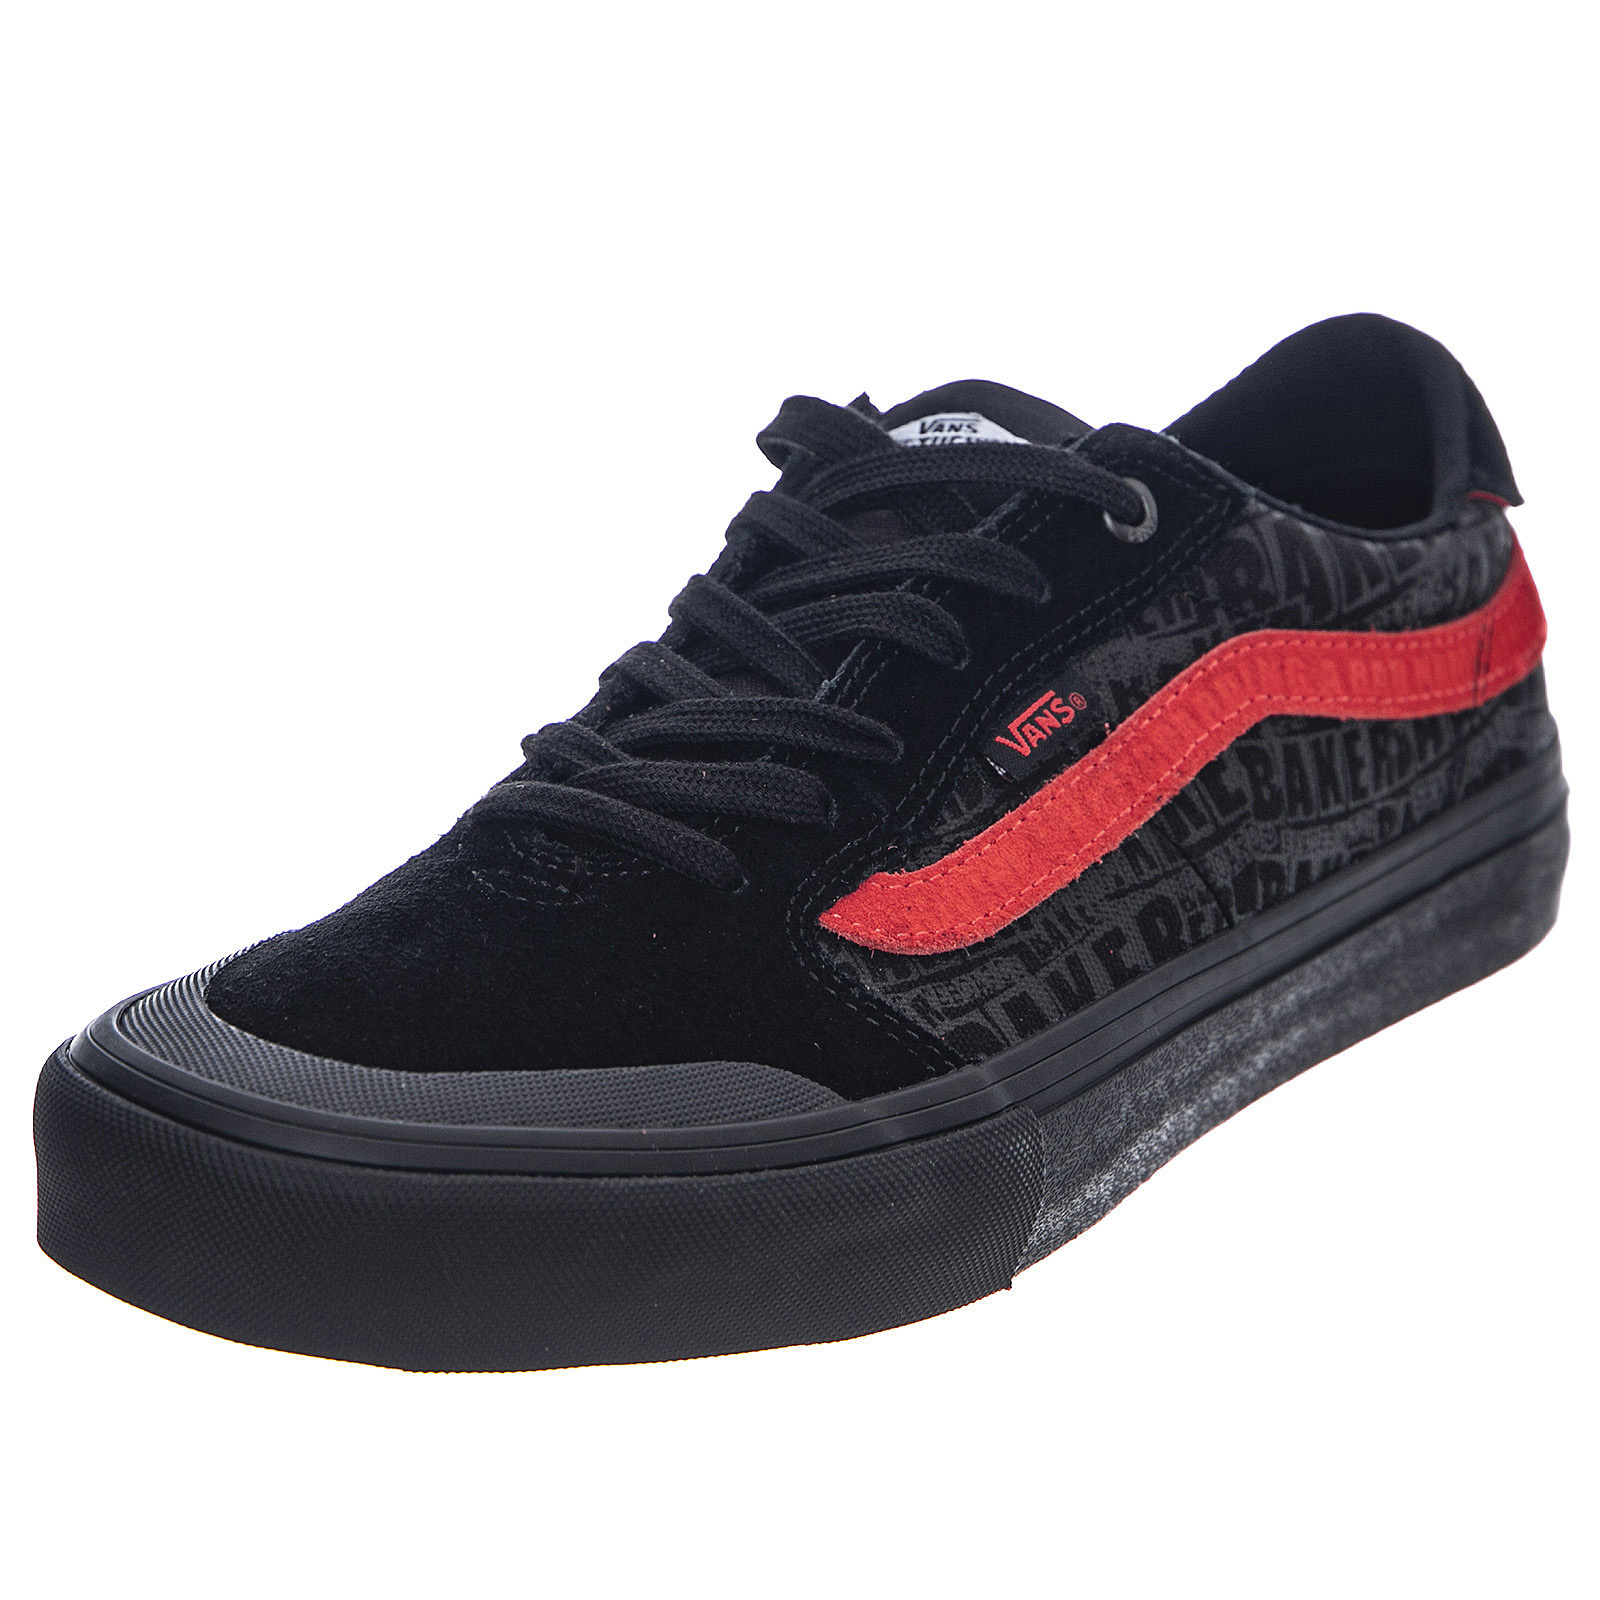 Détails sur Vans Mn Vans X Baker Style 112 Pro BlackRed Sneakers Basse Uomo Nero